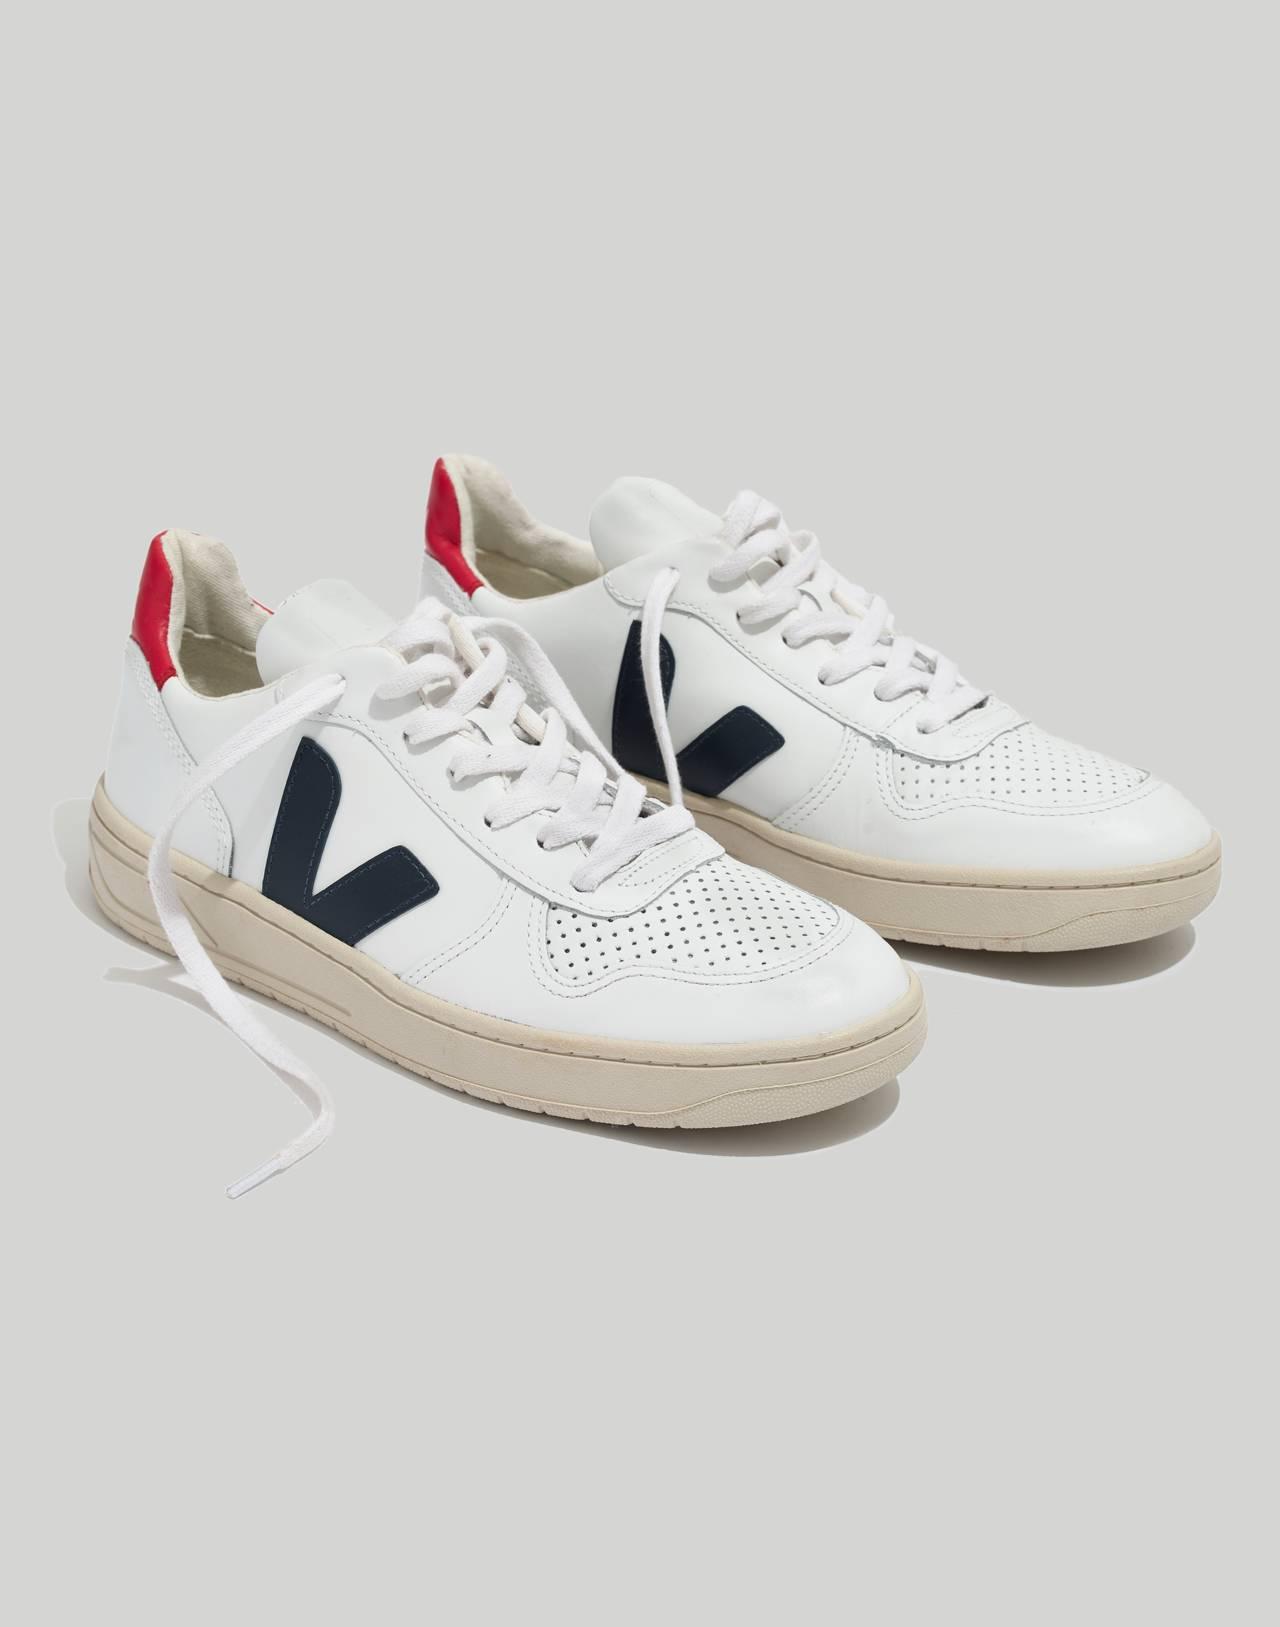 Veja™ V-10 Sneakers in Colorblock in white navy red image 1